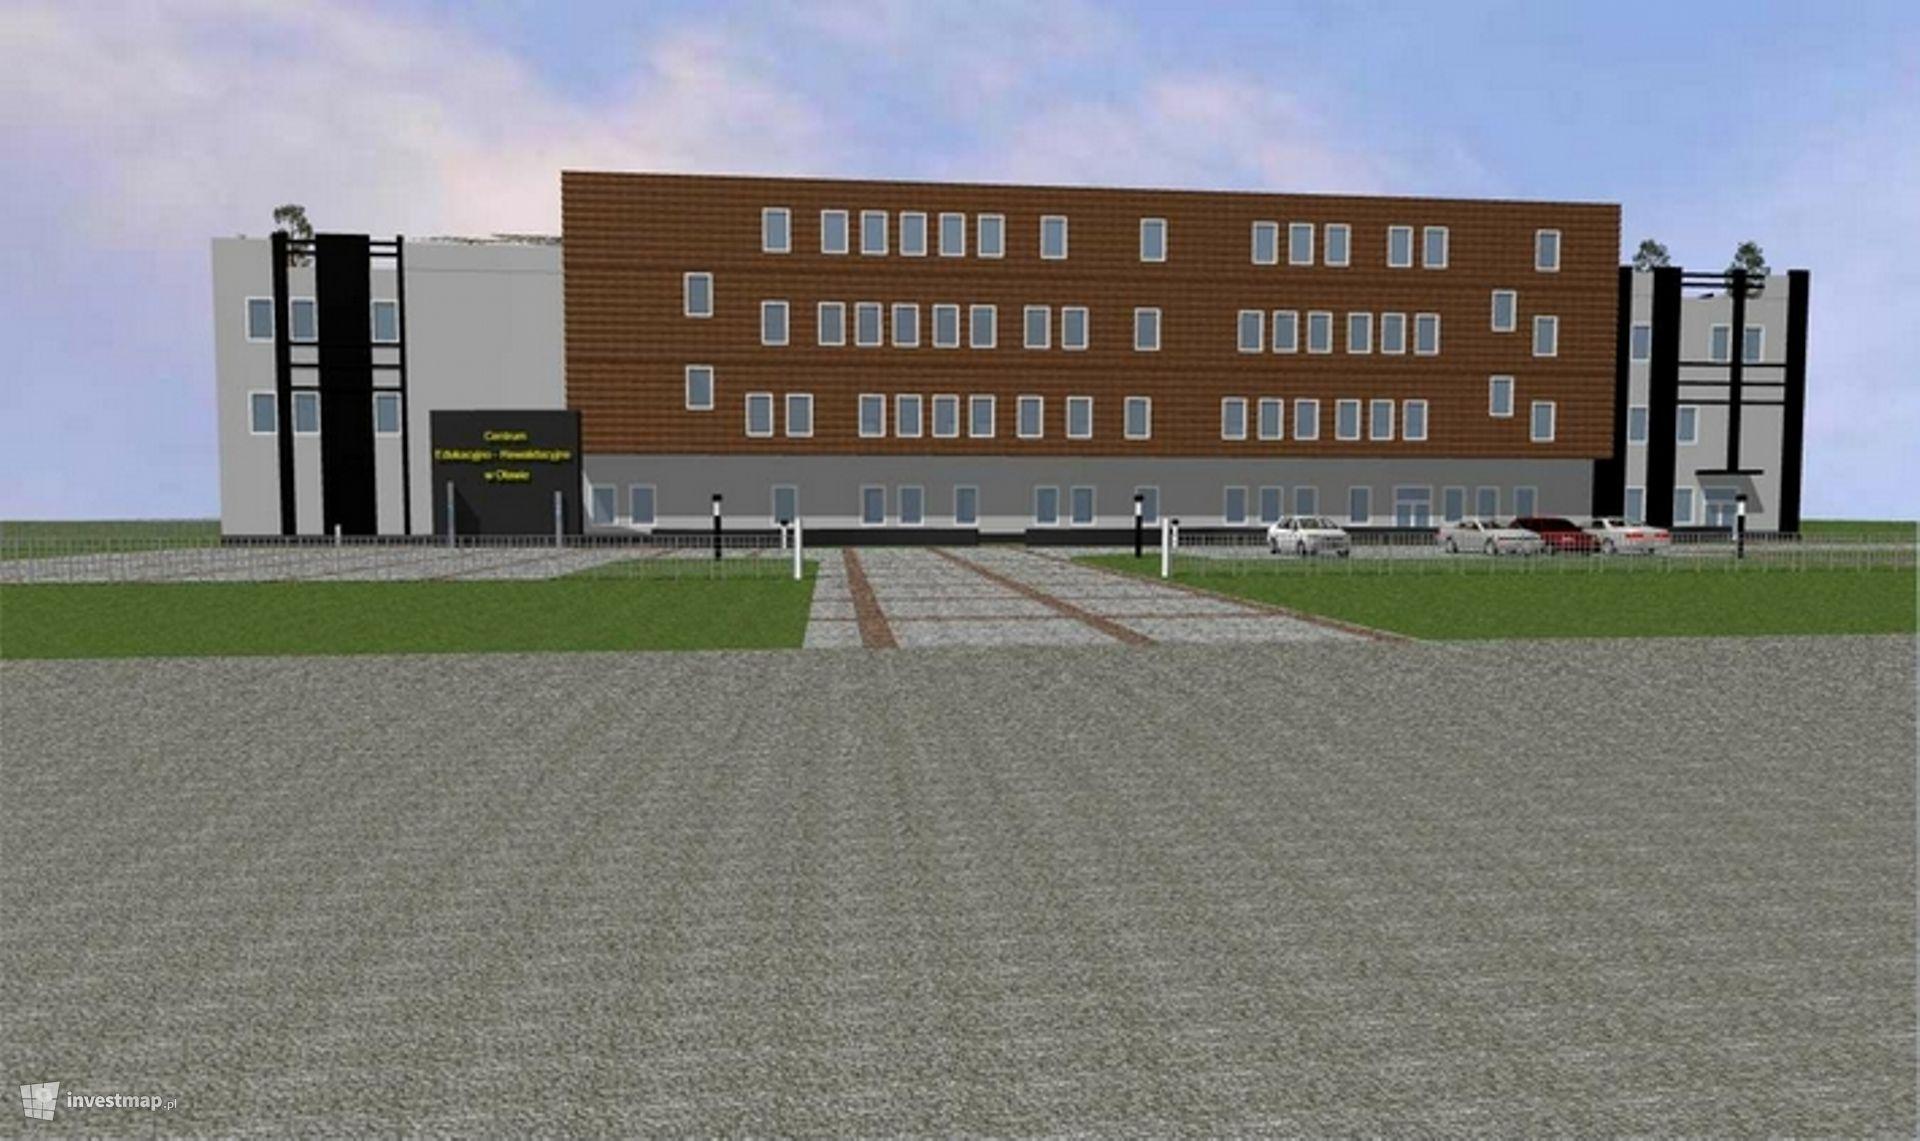 Powiatowe Centrum Edukacyjno-Rewalidacyjne z Zespołem Szkół Specjalnych